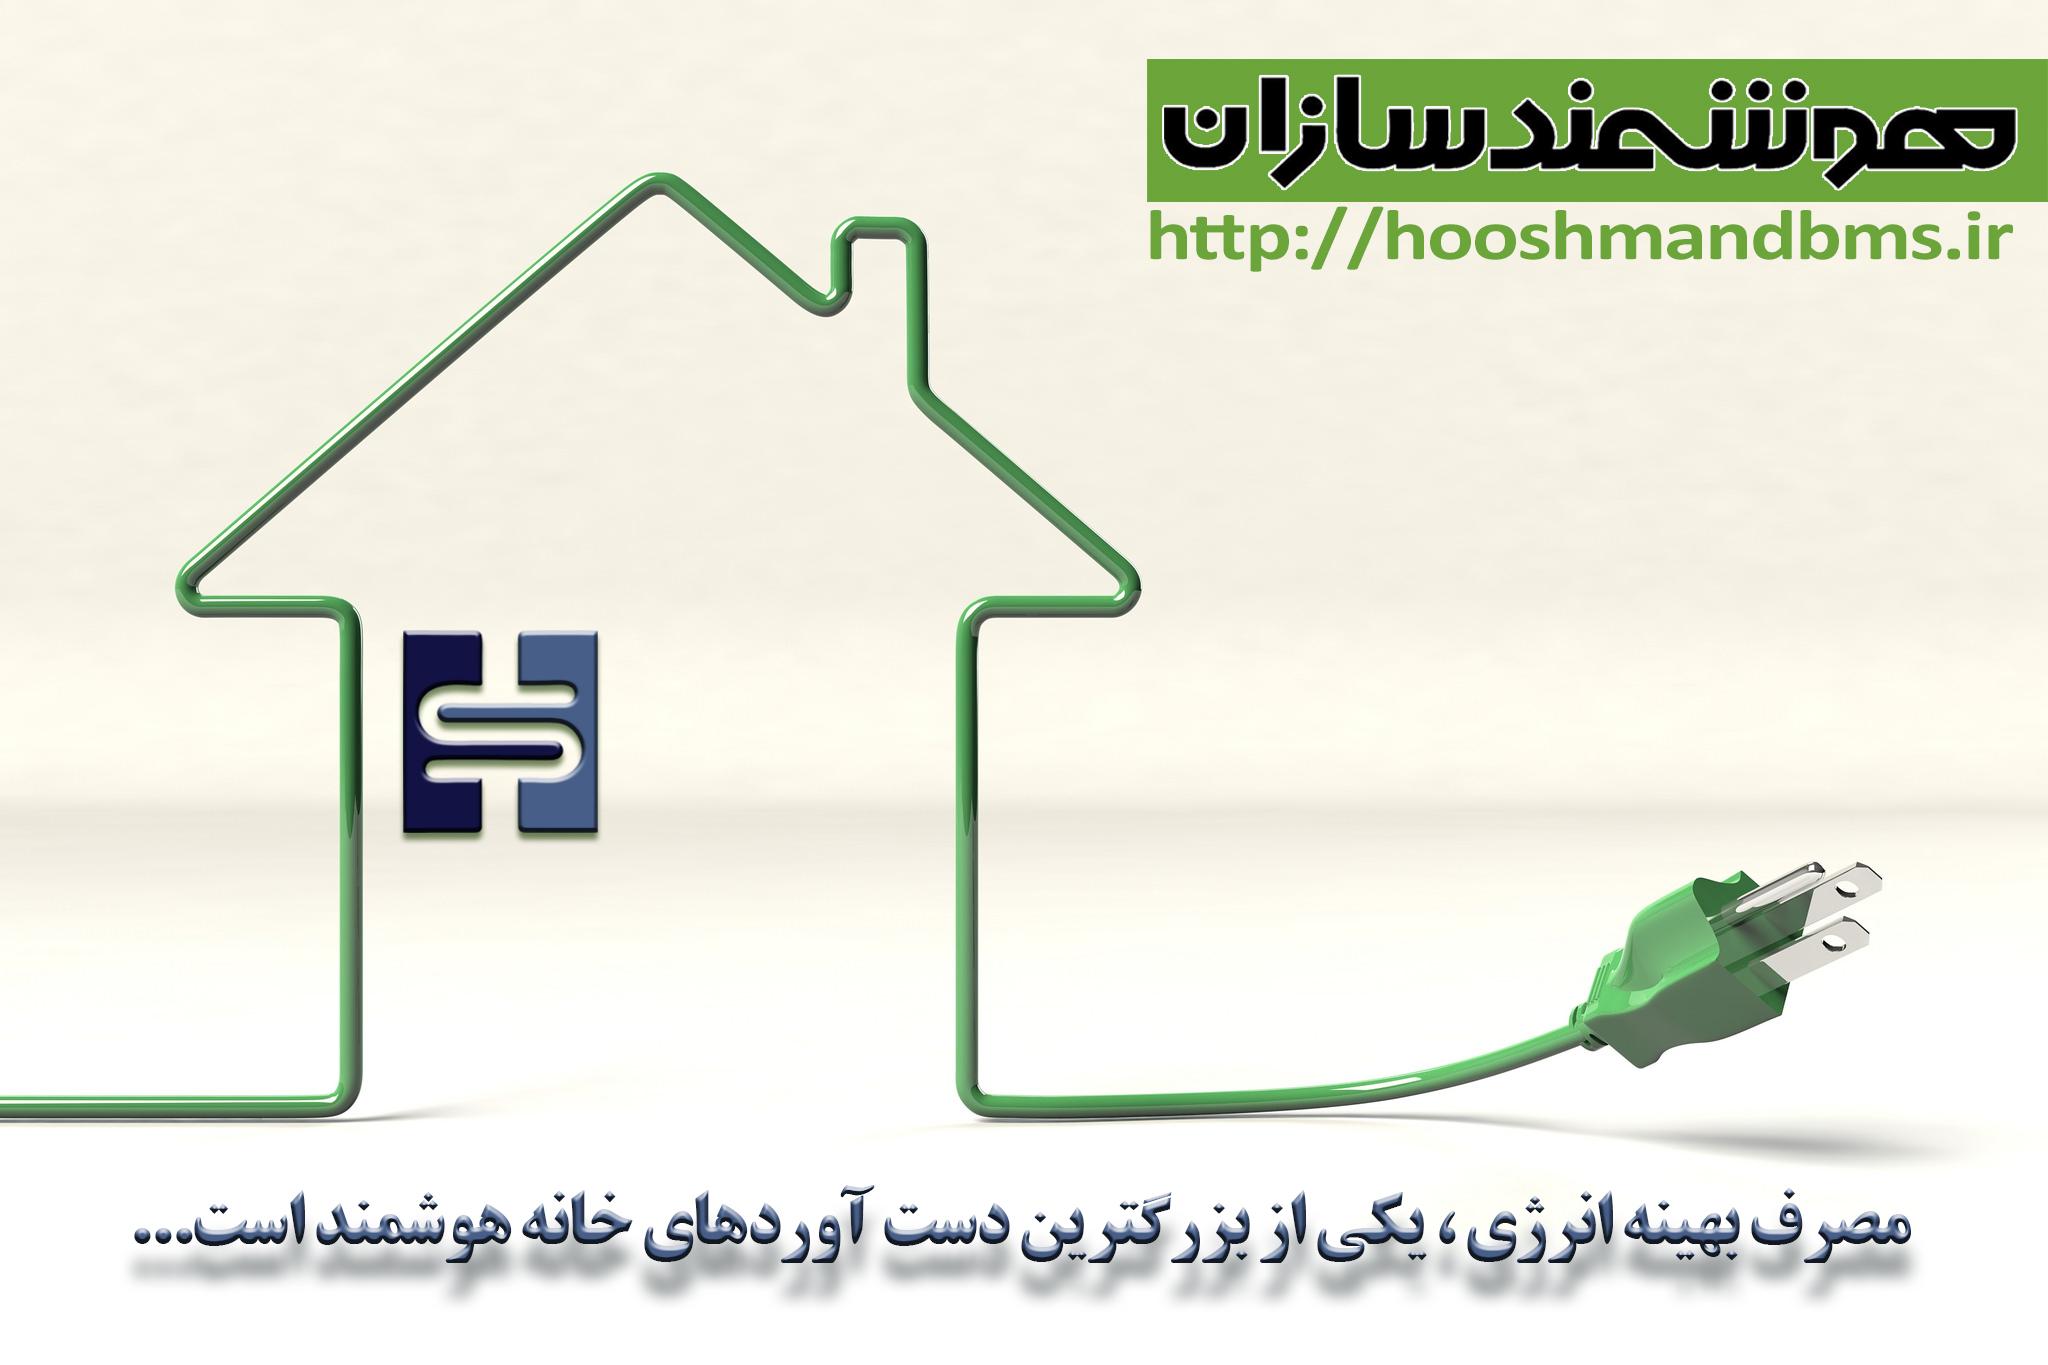 بهینه سازی انرژی در خانه هوشمند